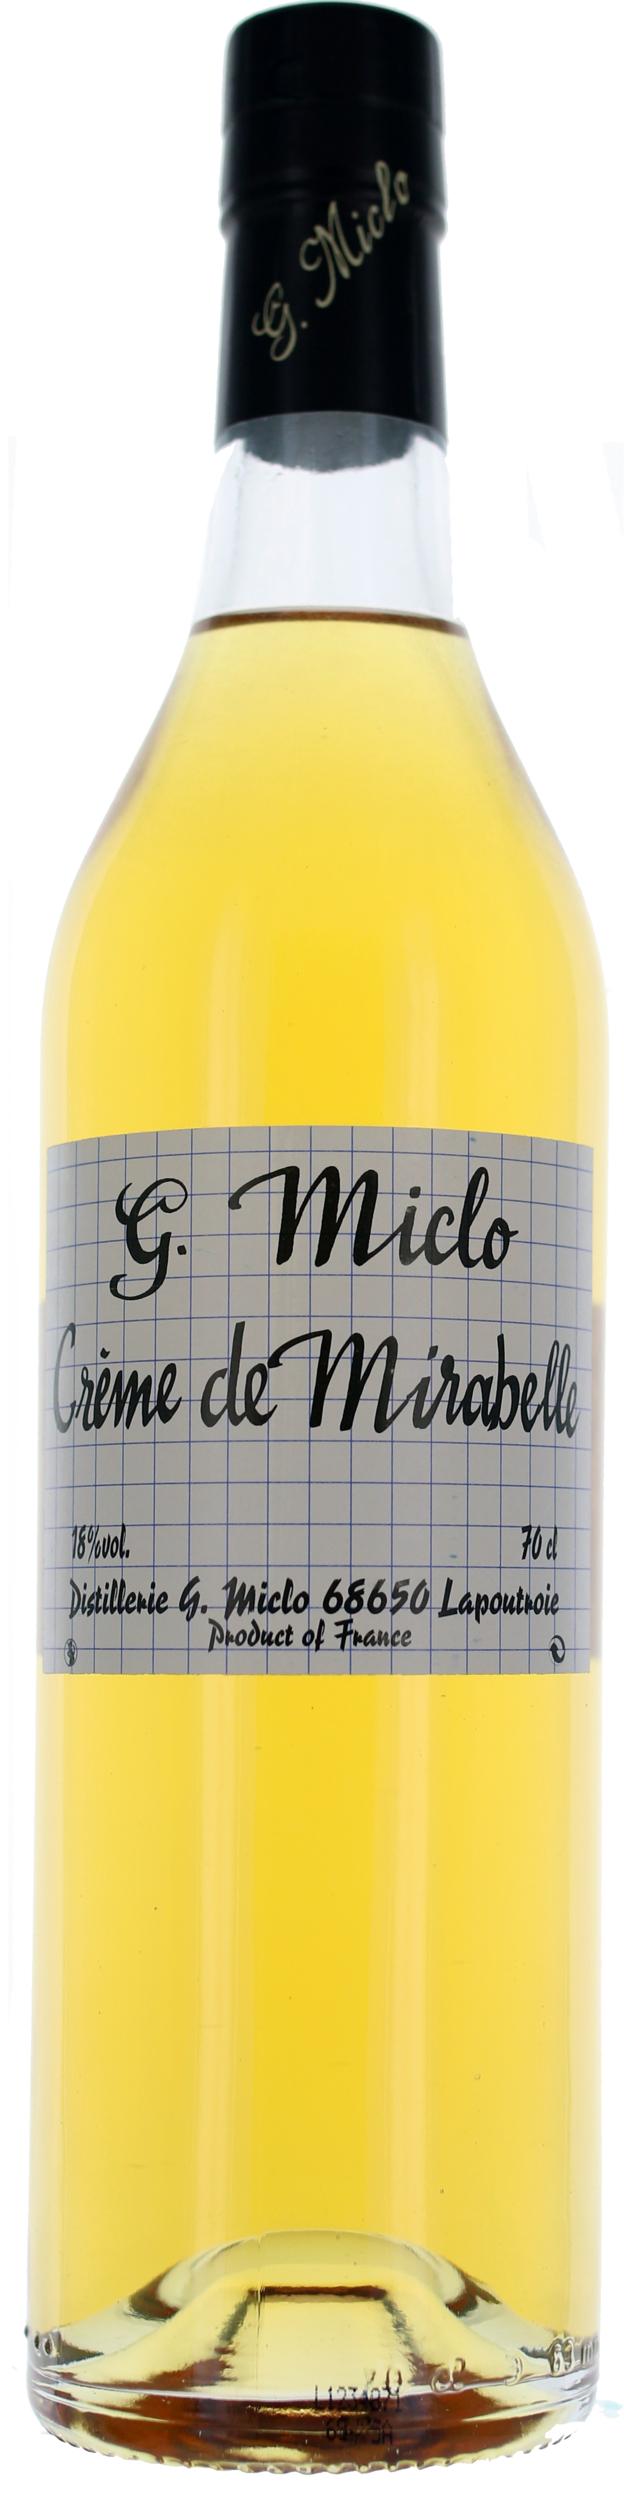 CREME DE BERGAMOTTE - 18° - G. Miclo